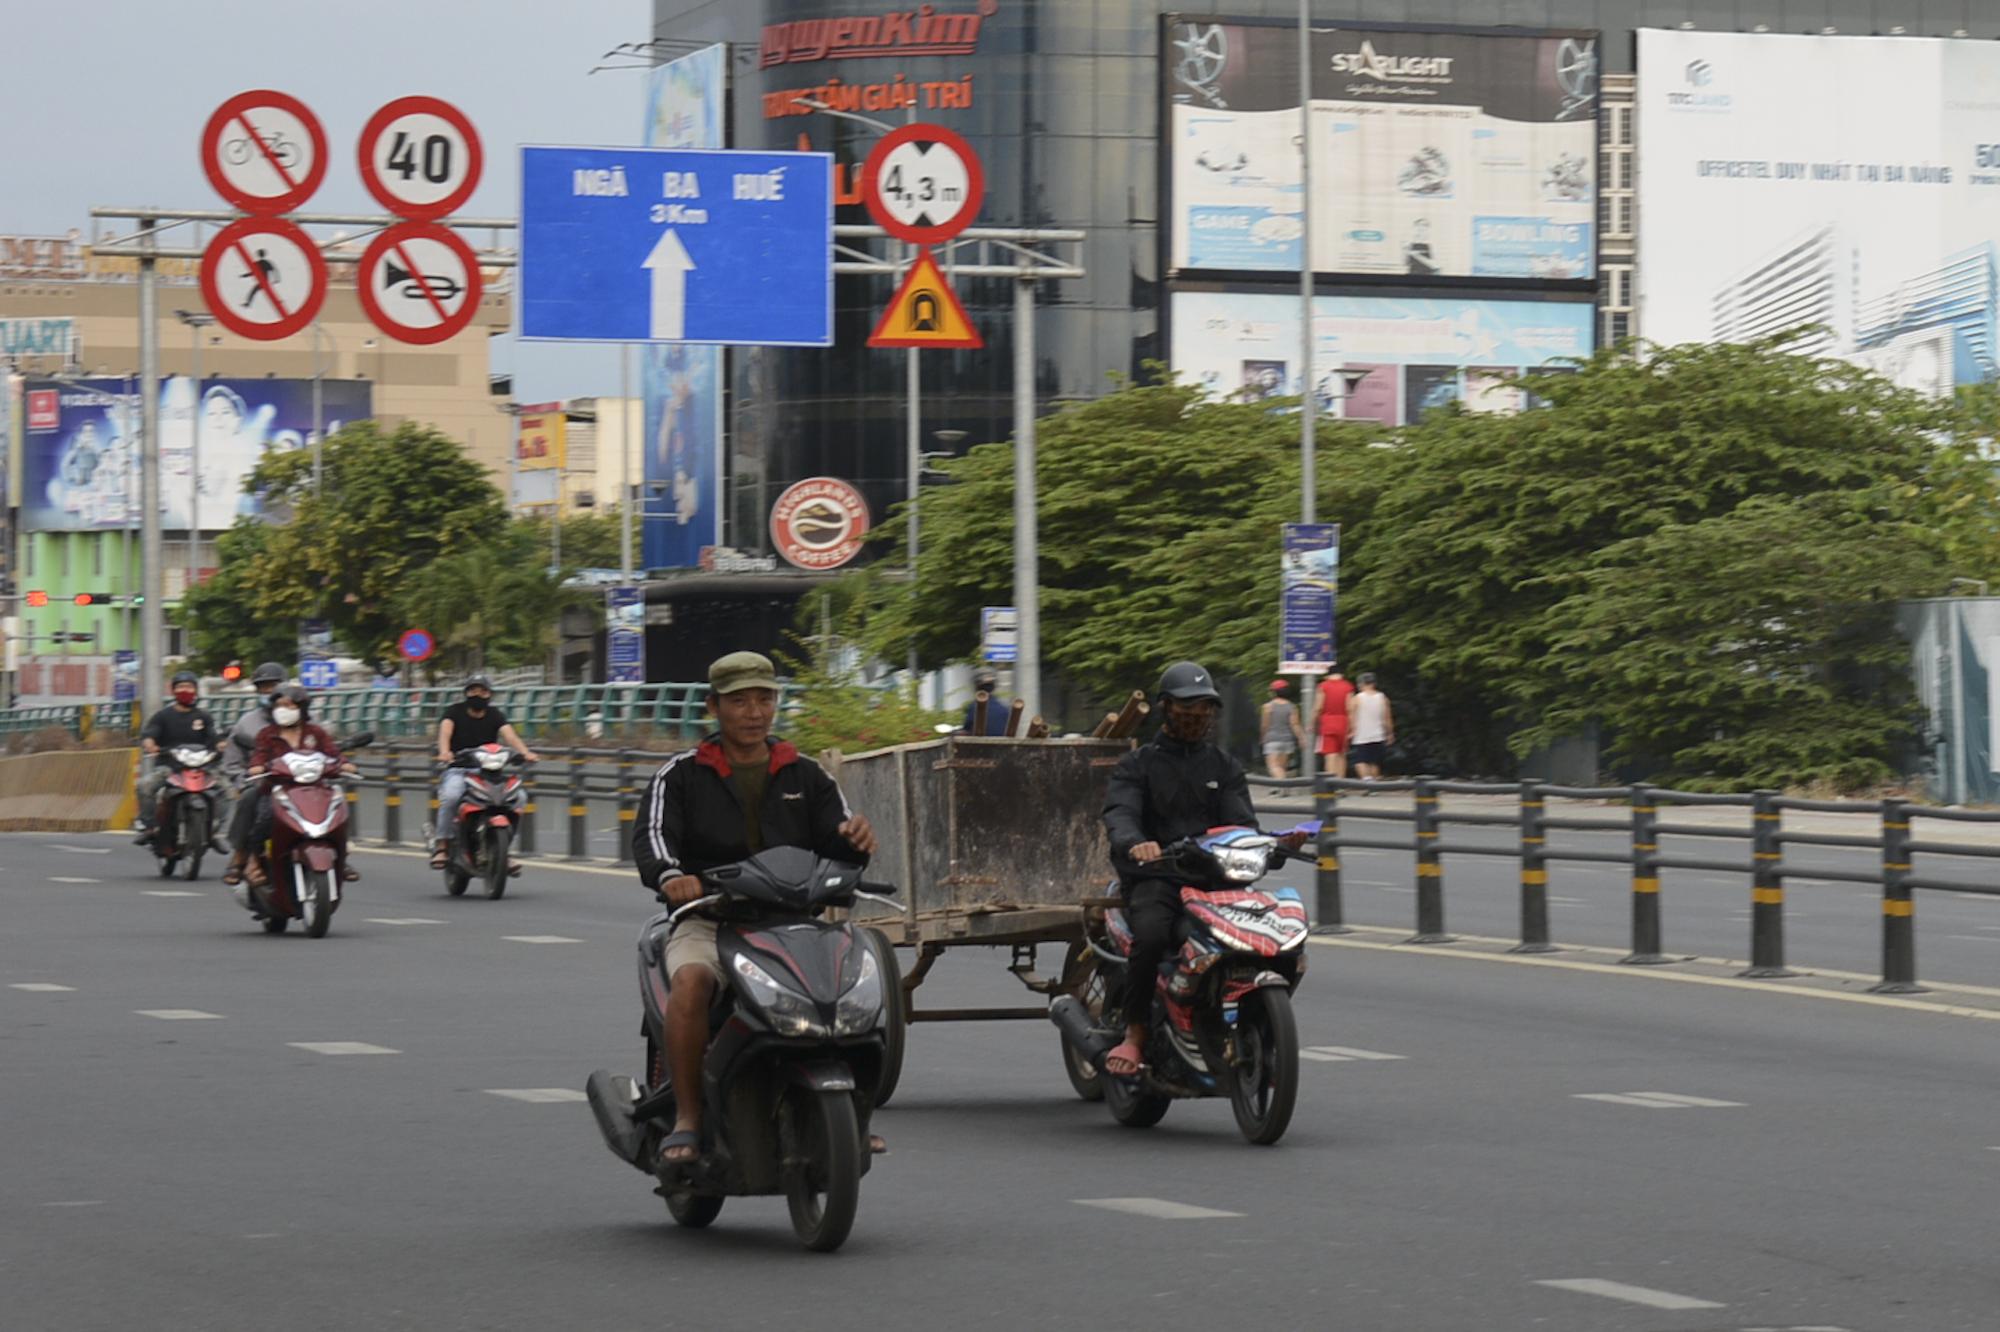 Người Đà Nẵng ra đường đông như không có cách li xã hội - Ảnh 8.